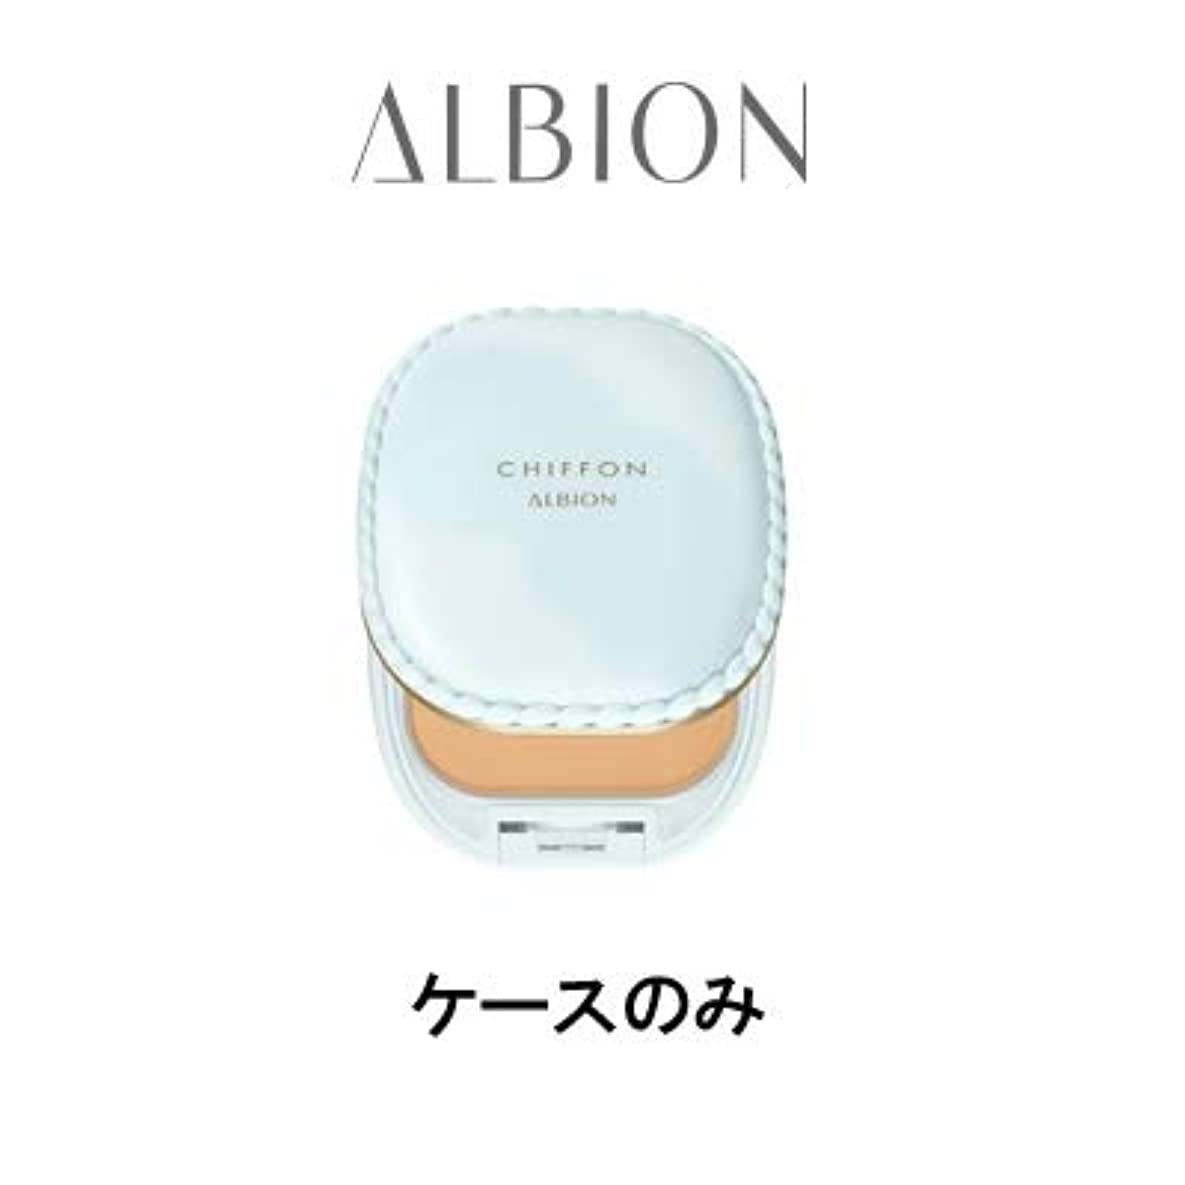 蒸発する用心食用アルビオン スノー ホワイト シフォン マット付ケース ケースのみ ALBION